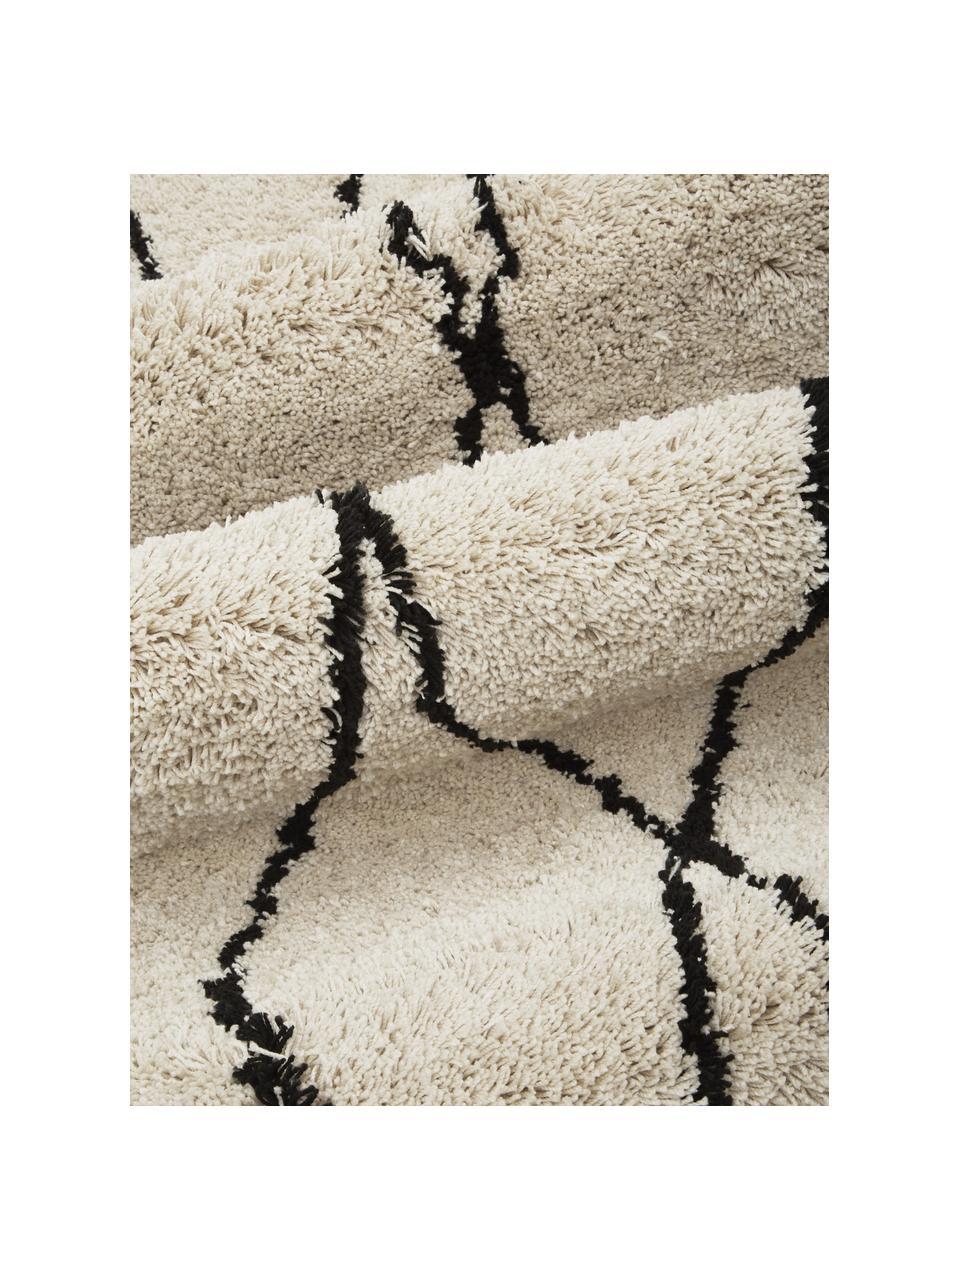 Tappeto morbido a pelo lungo taftato a mano con frange Naima, Retro: 100% cotone, Beige, nero, Larg. 200 x Lung. 300 cm (taglia L)